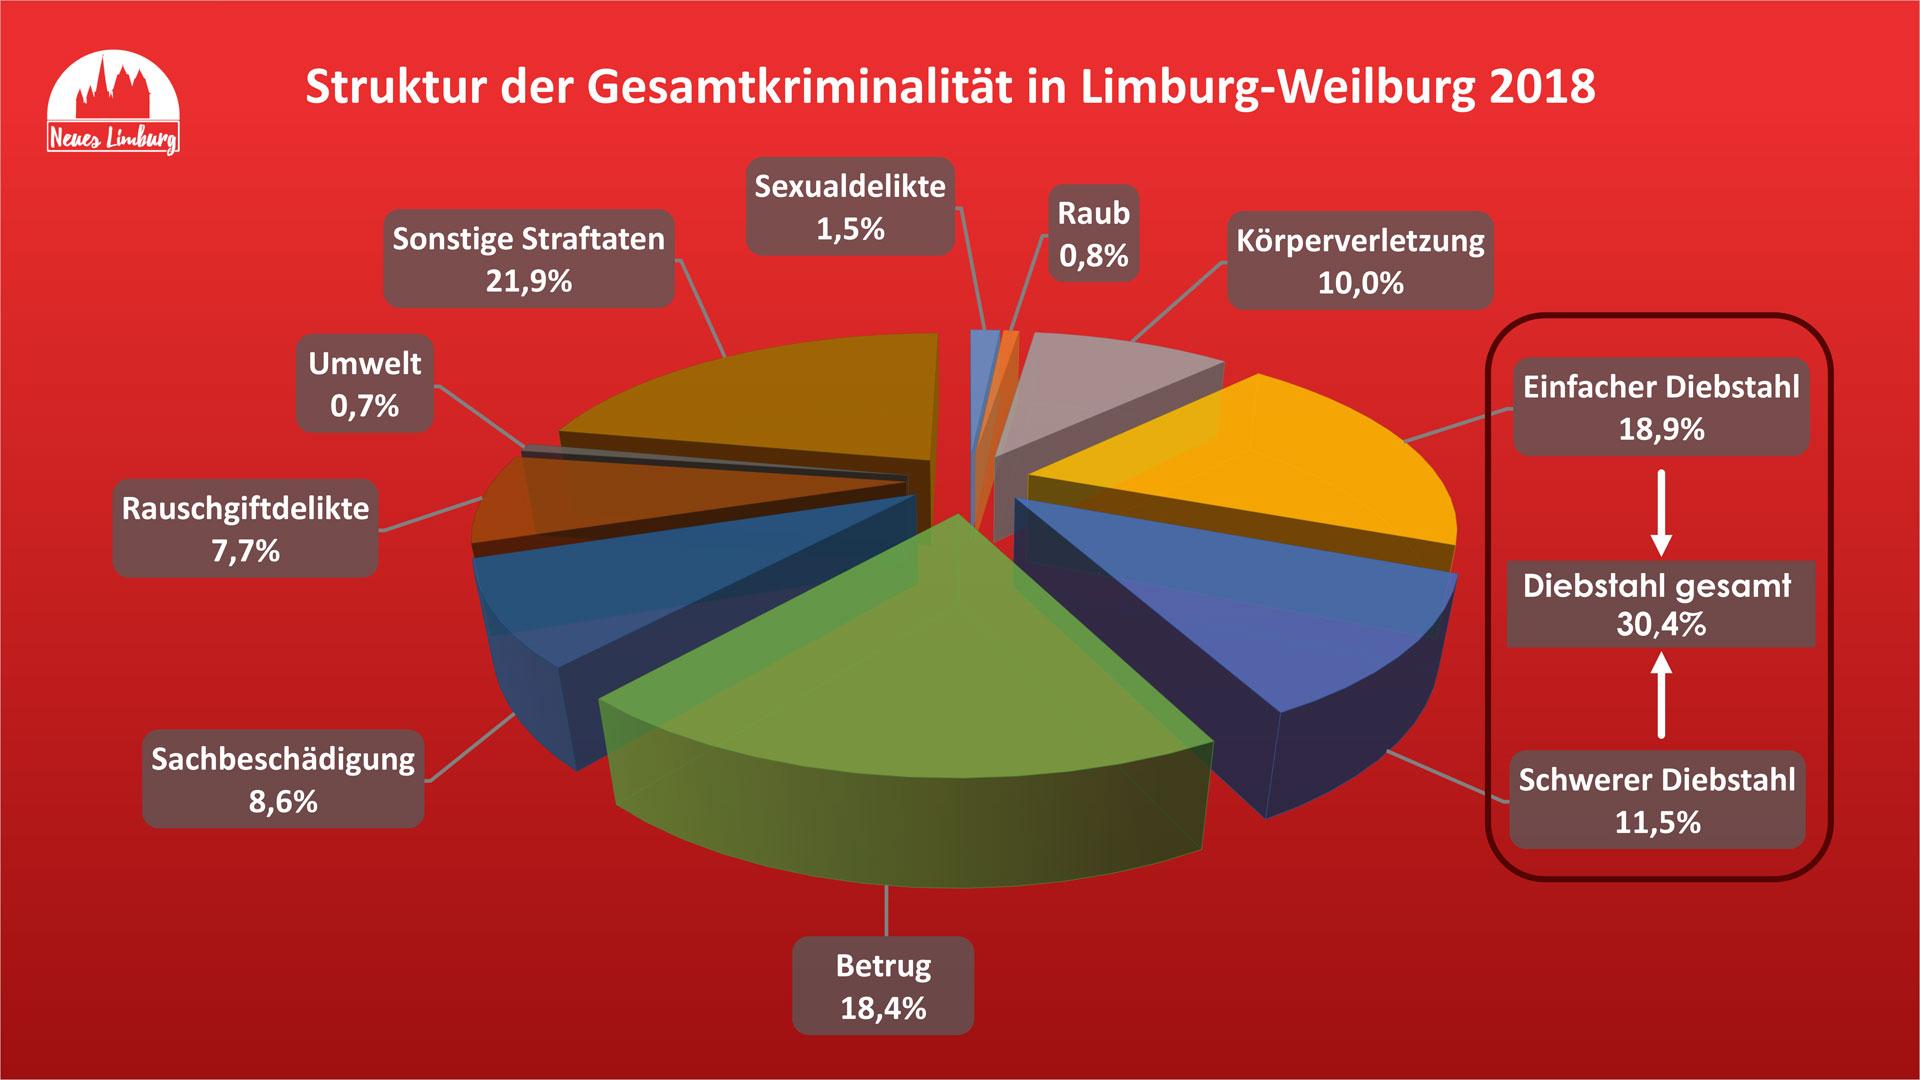 Struktur der Gesamtkriminalität in Limburg-Weilburg 2018. © Neues Limburg